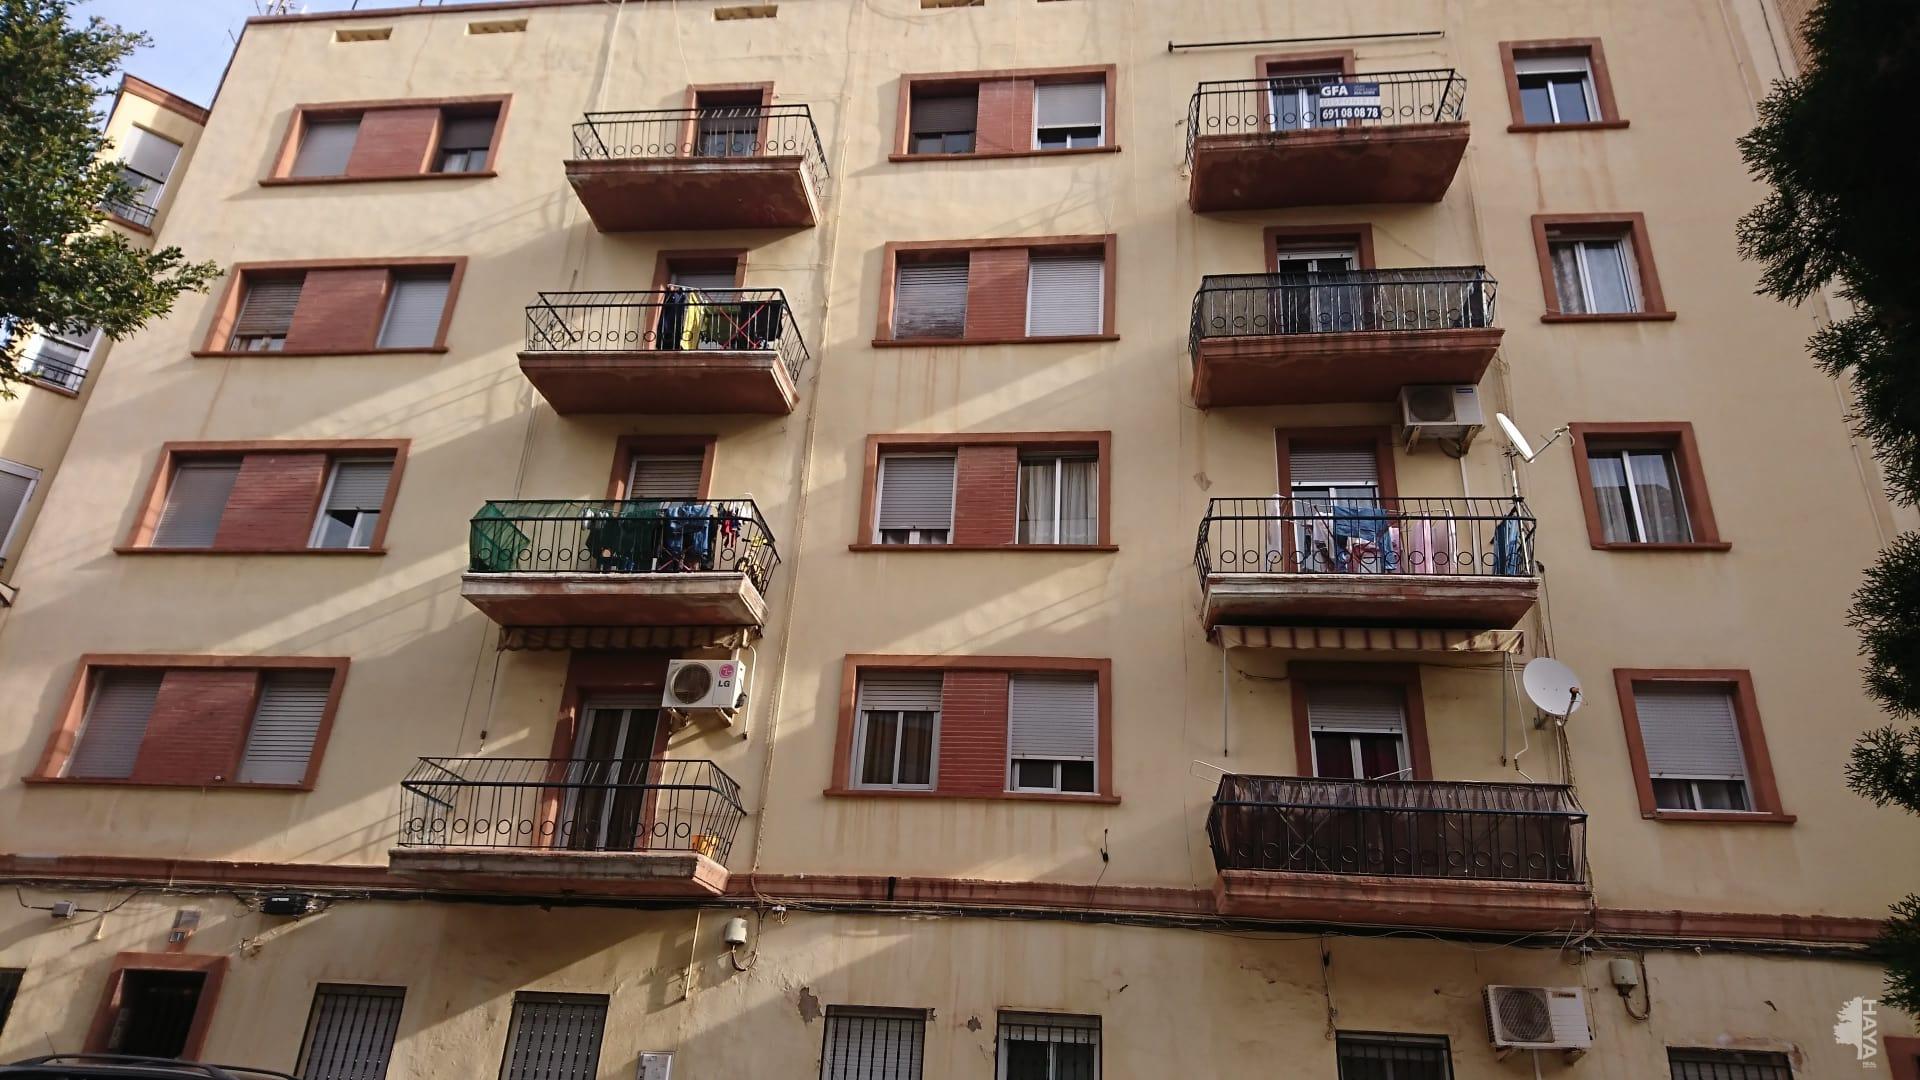 Piso en venta en Vila-real, Castellón, Plaza Escultor Ortells, 31.957 €, 3 habitaciones, 1 baño, 77 m2